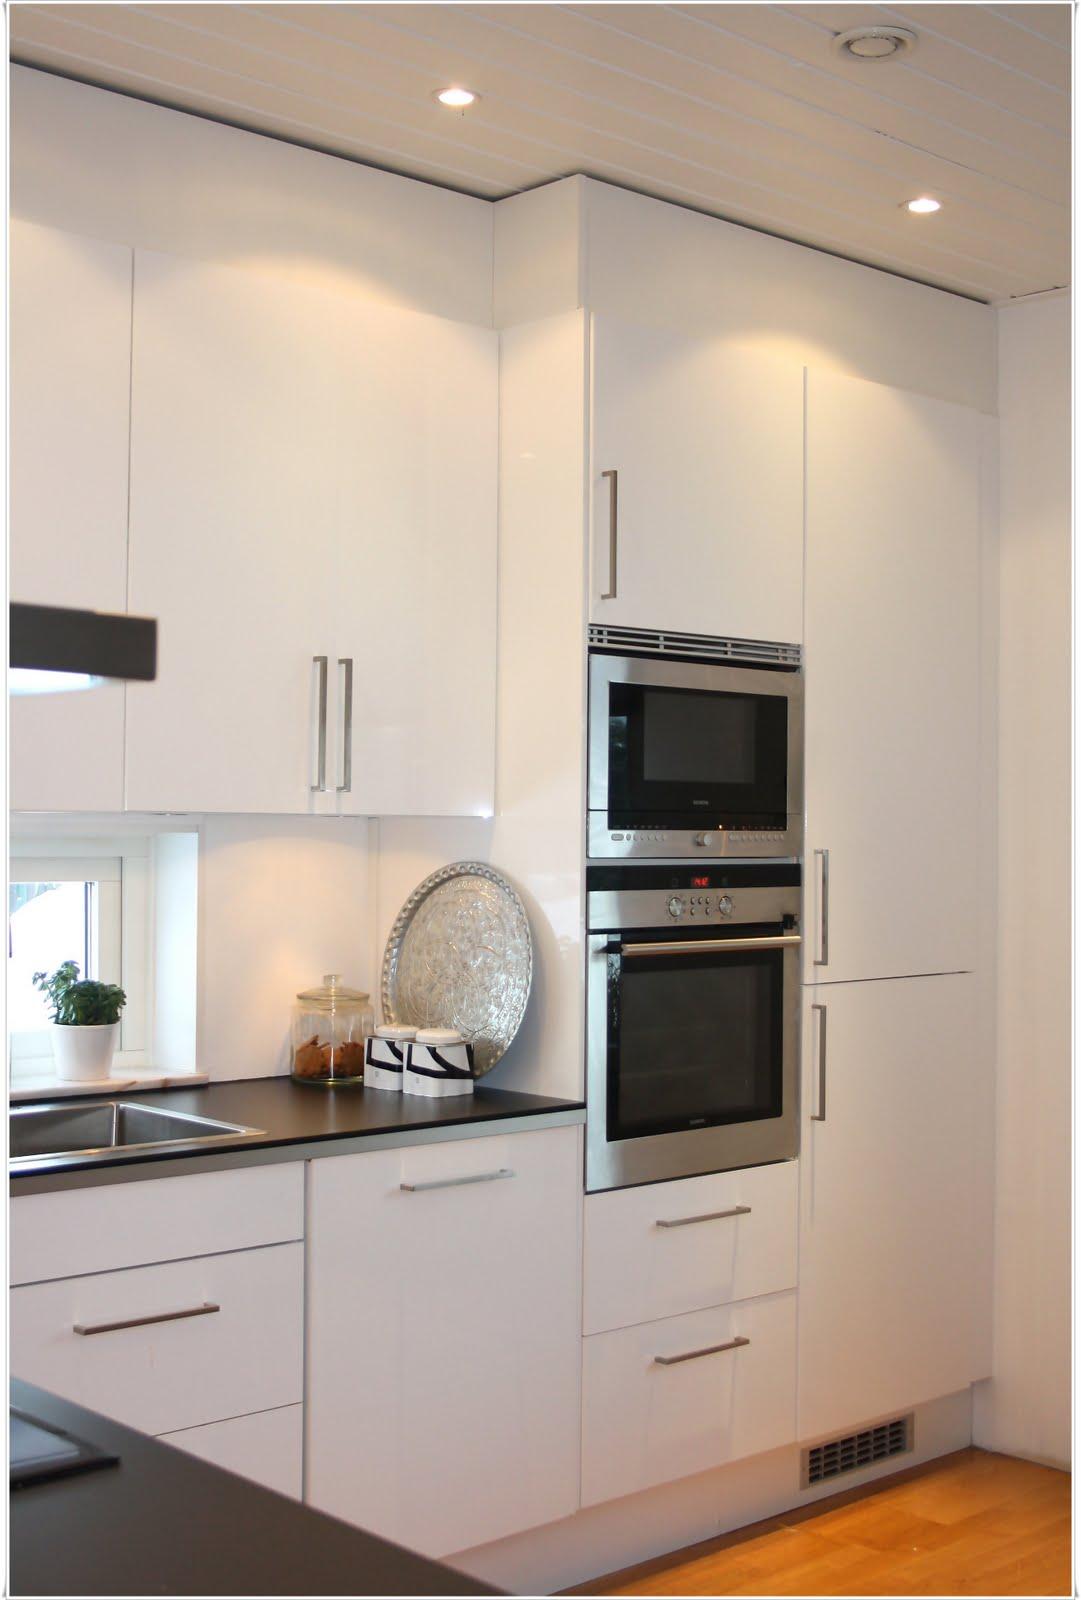 Nytt Kok Ikea : nytt kok ikea  MORE OF WHITE IKEA KoK & NYTT PROJEKT